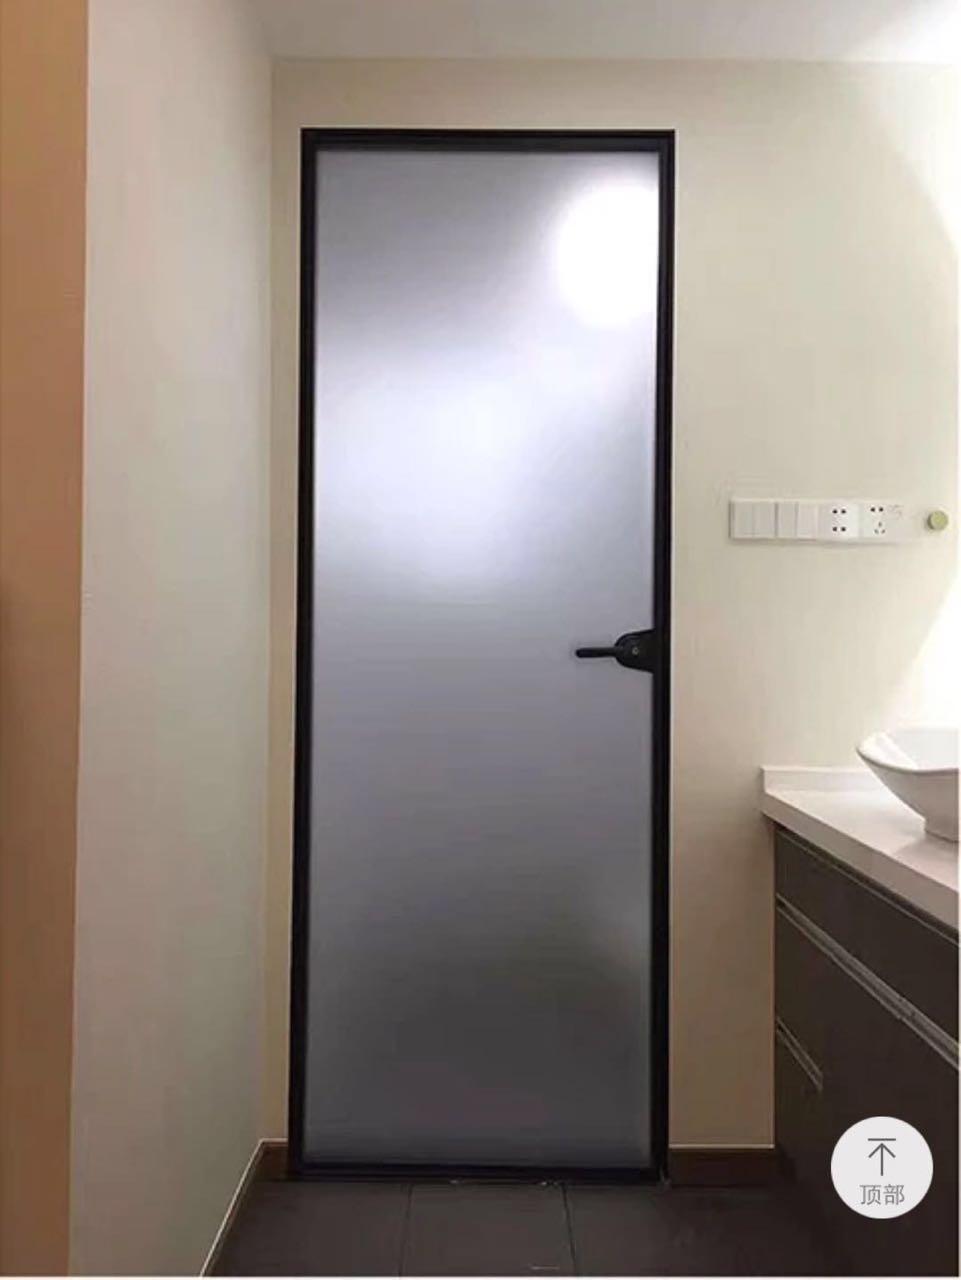 Sanude家装zui新款玻璃 细框浴室玻璃门 极简细边平开门 Sanude家装zui新款玻璃